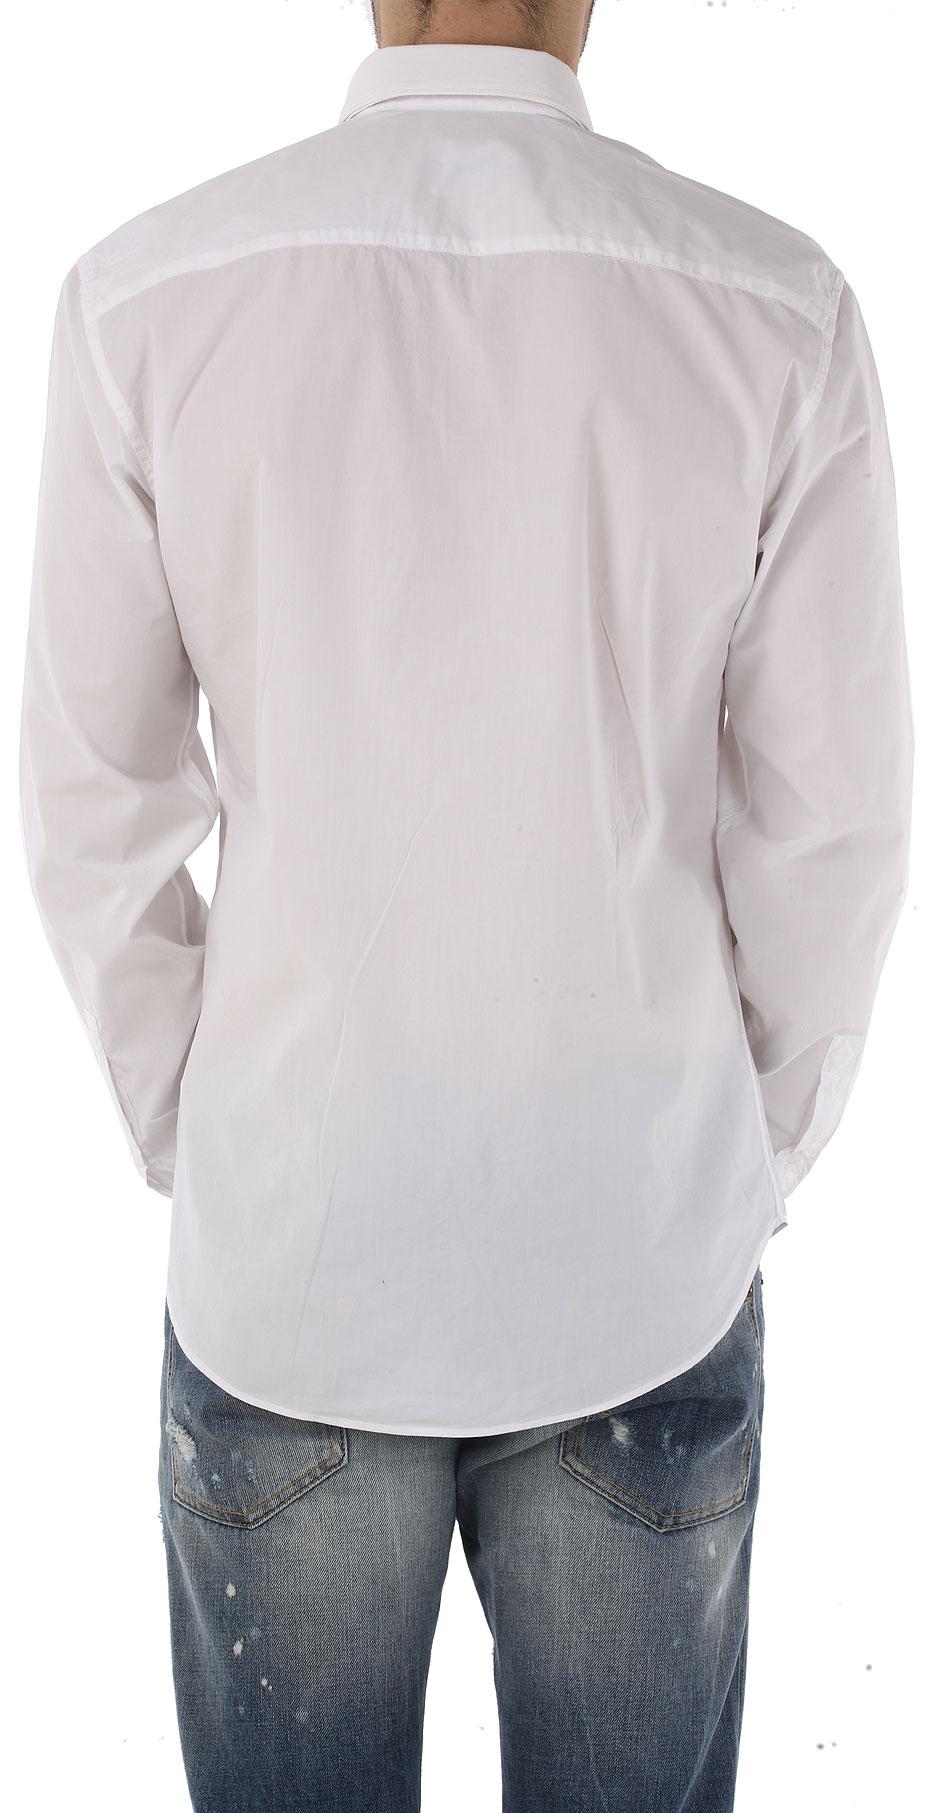 Abbigliamento Uomo Kenzo Codice Articolo 443192-t43-b71